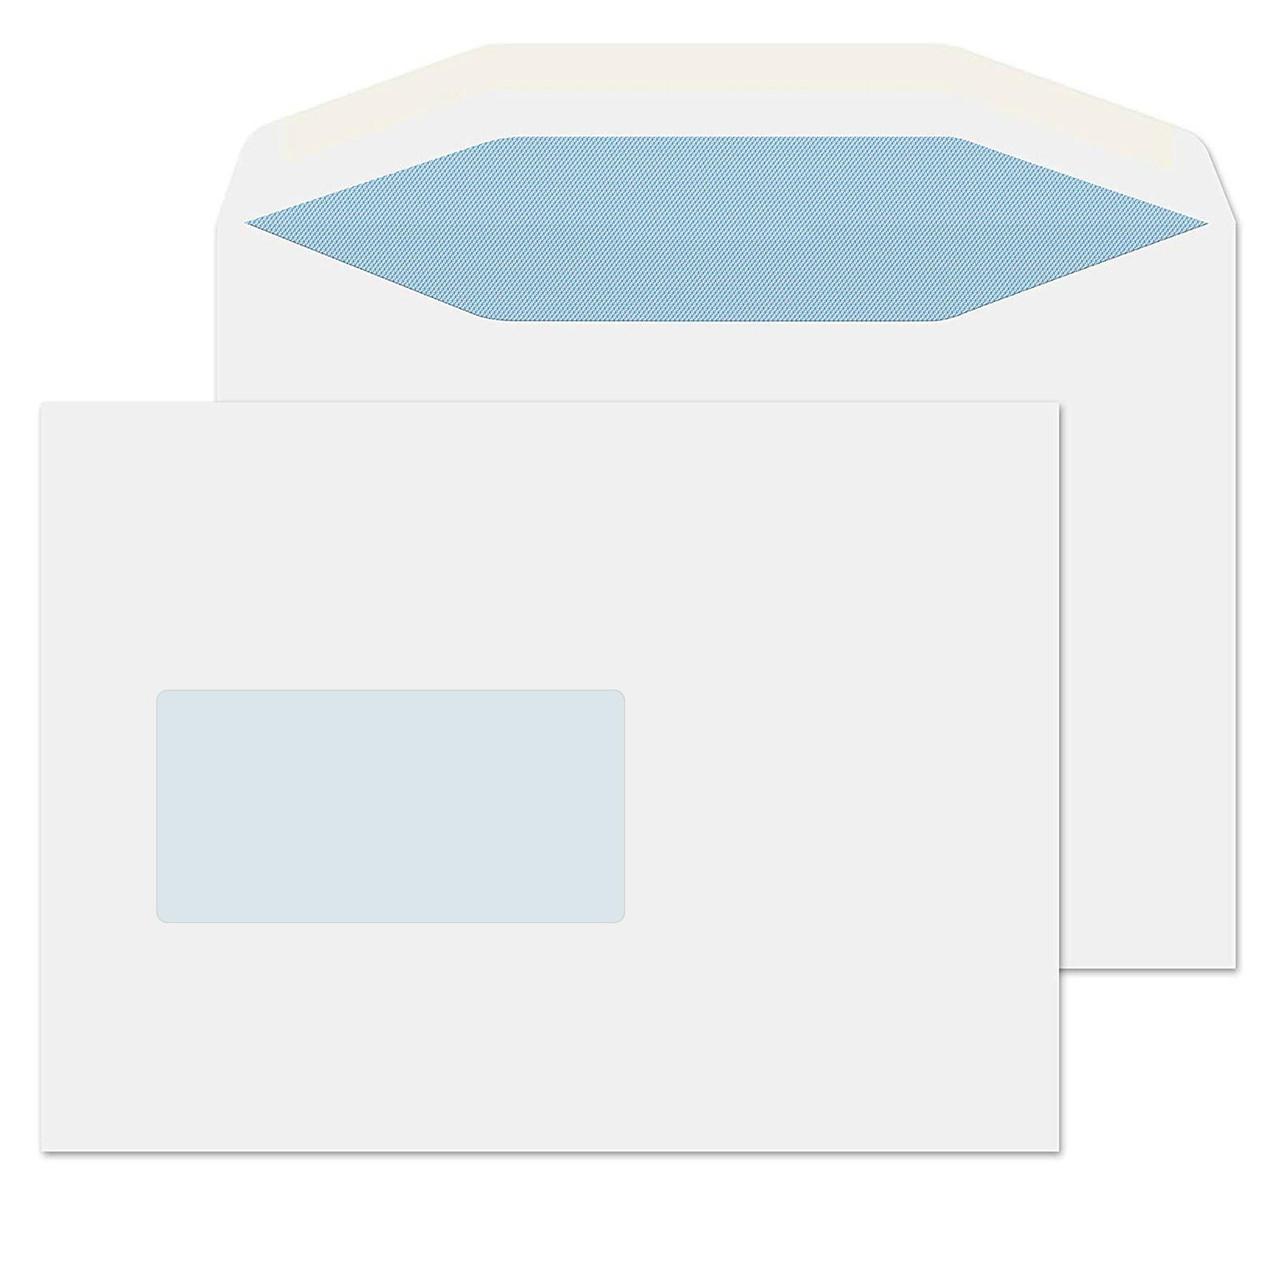 Folder Inserter Envelopes - C5 Window - 1000pcs